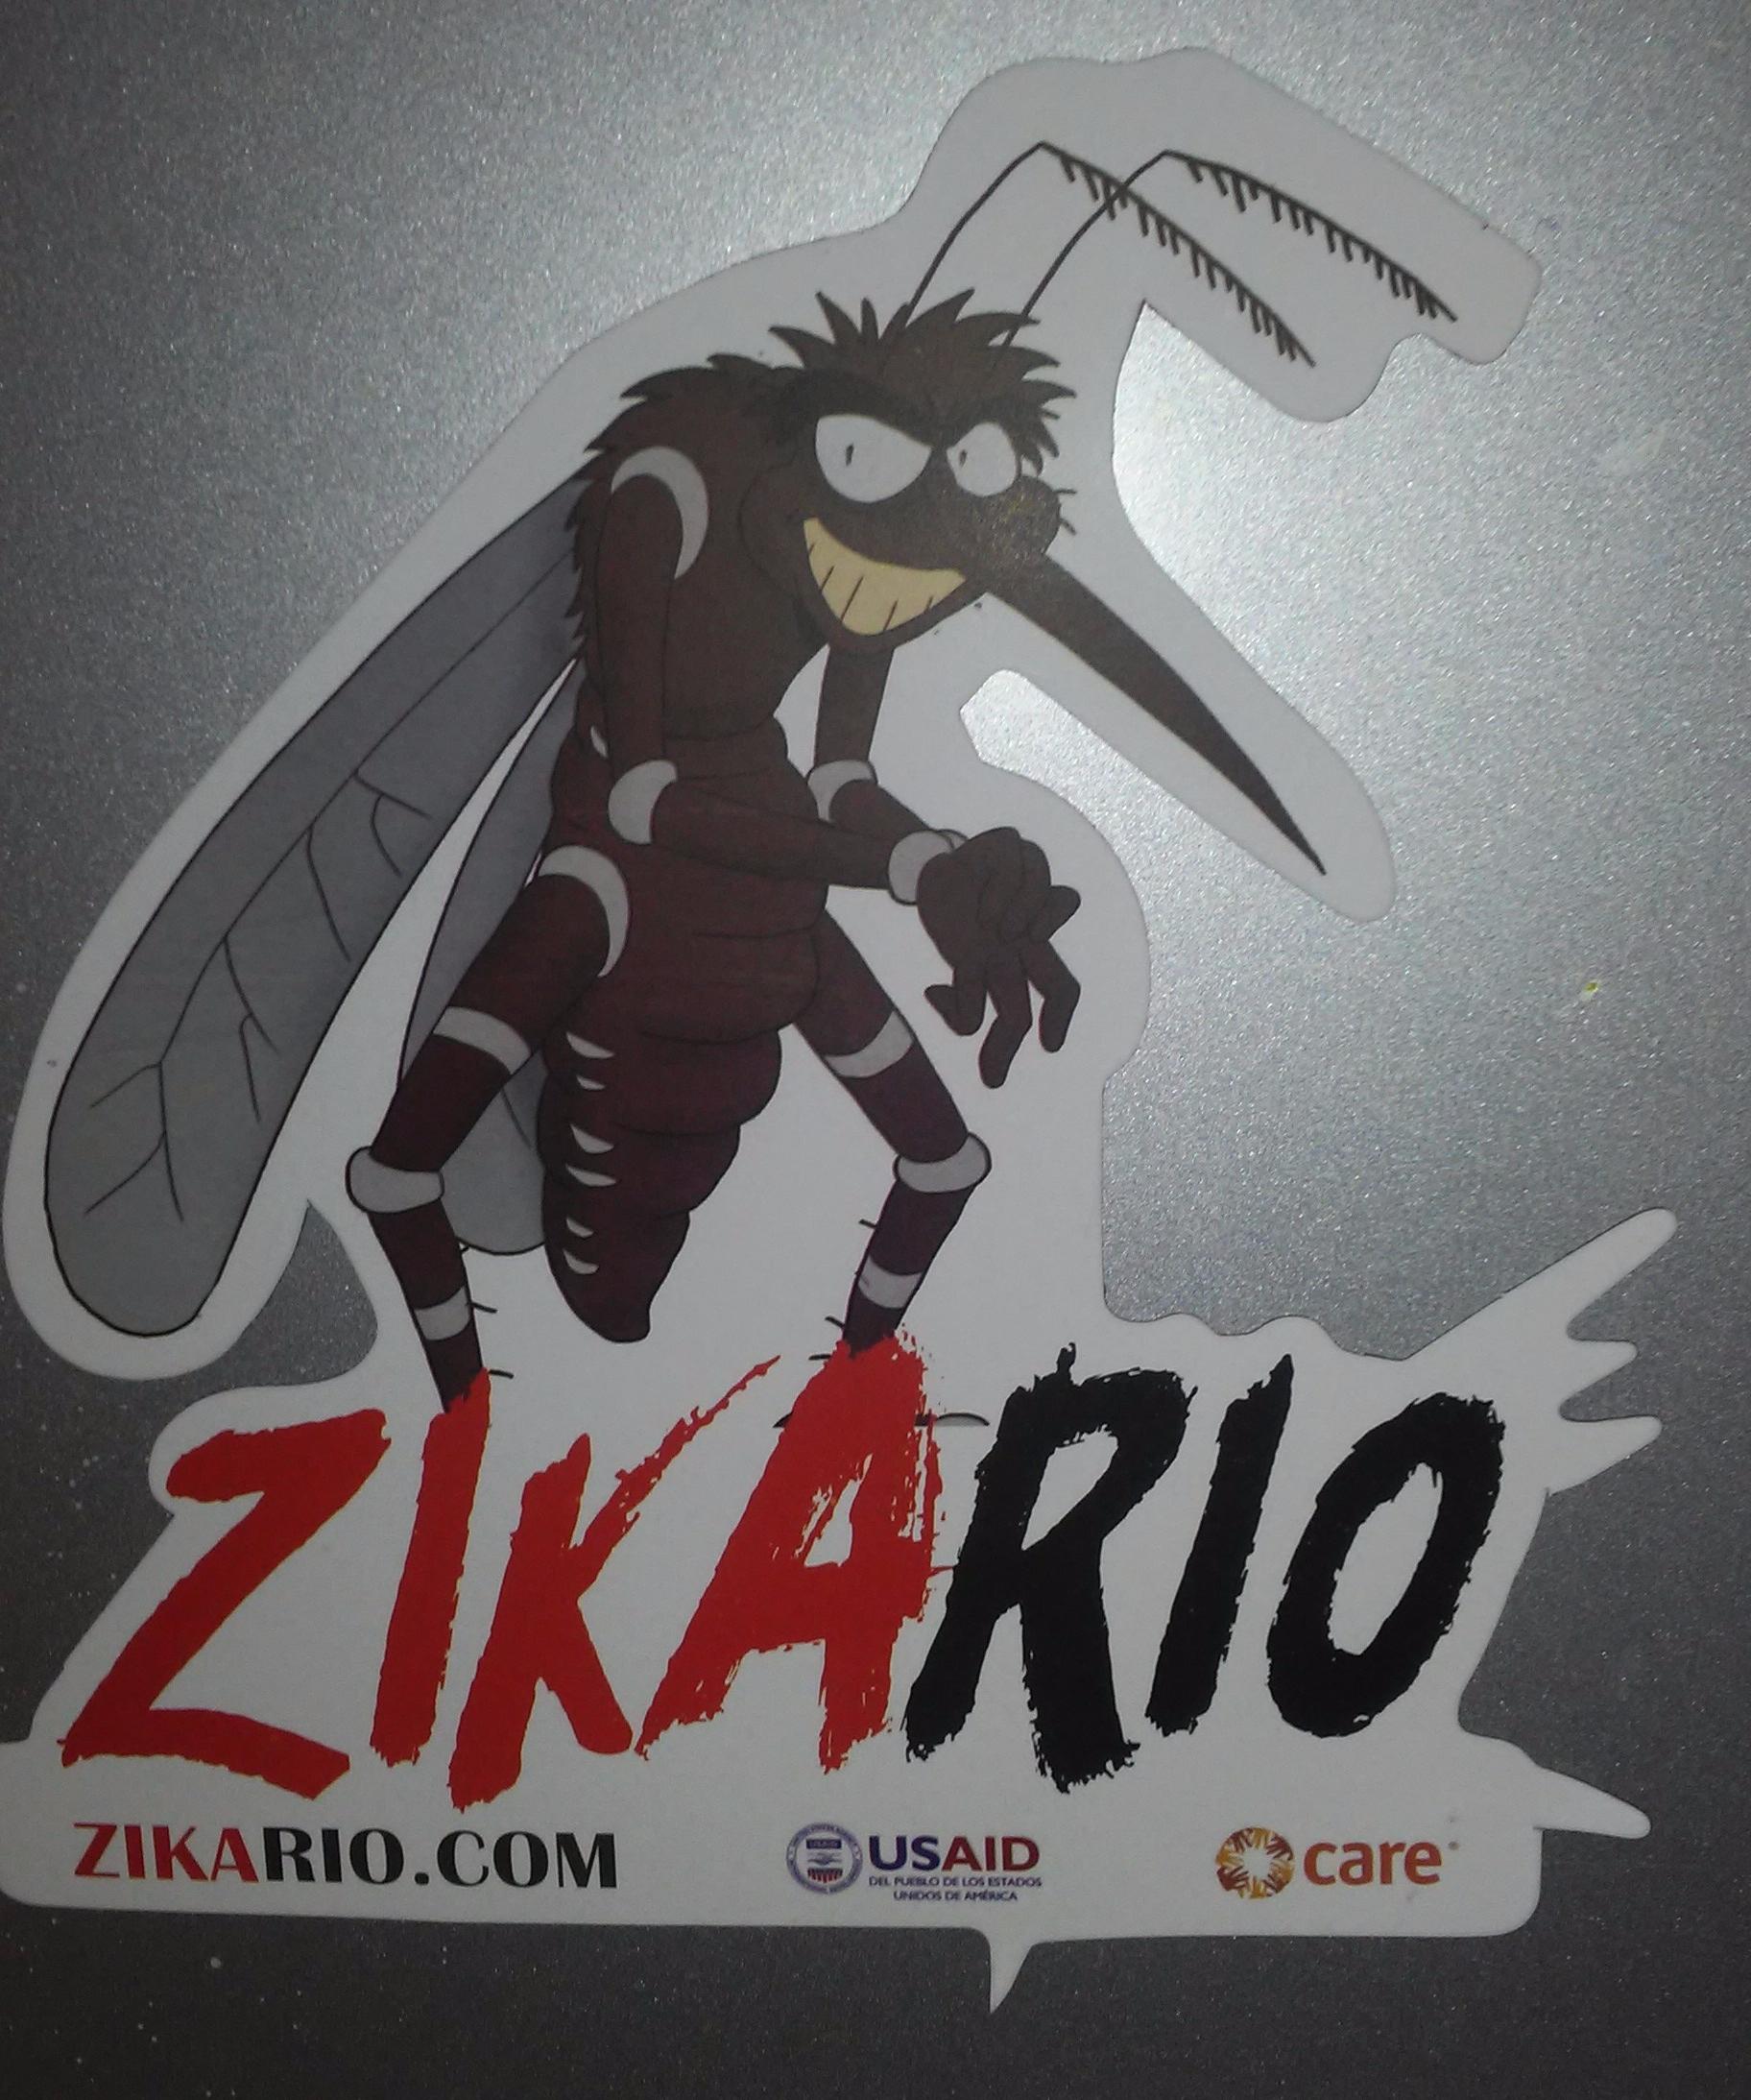 avoid zika